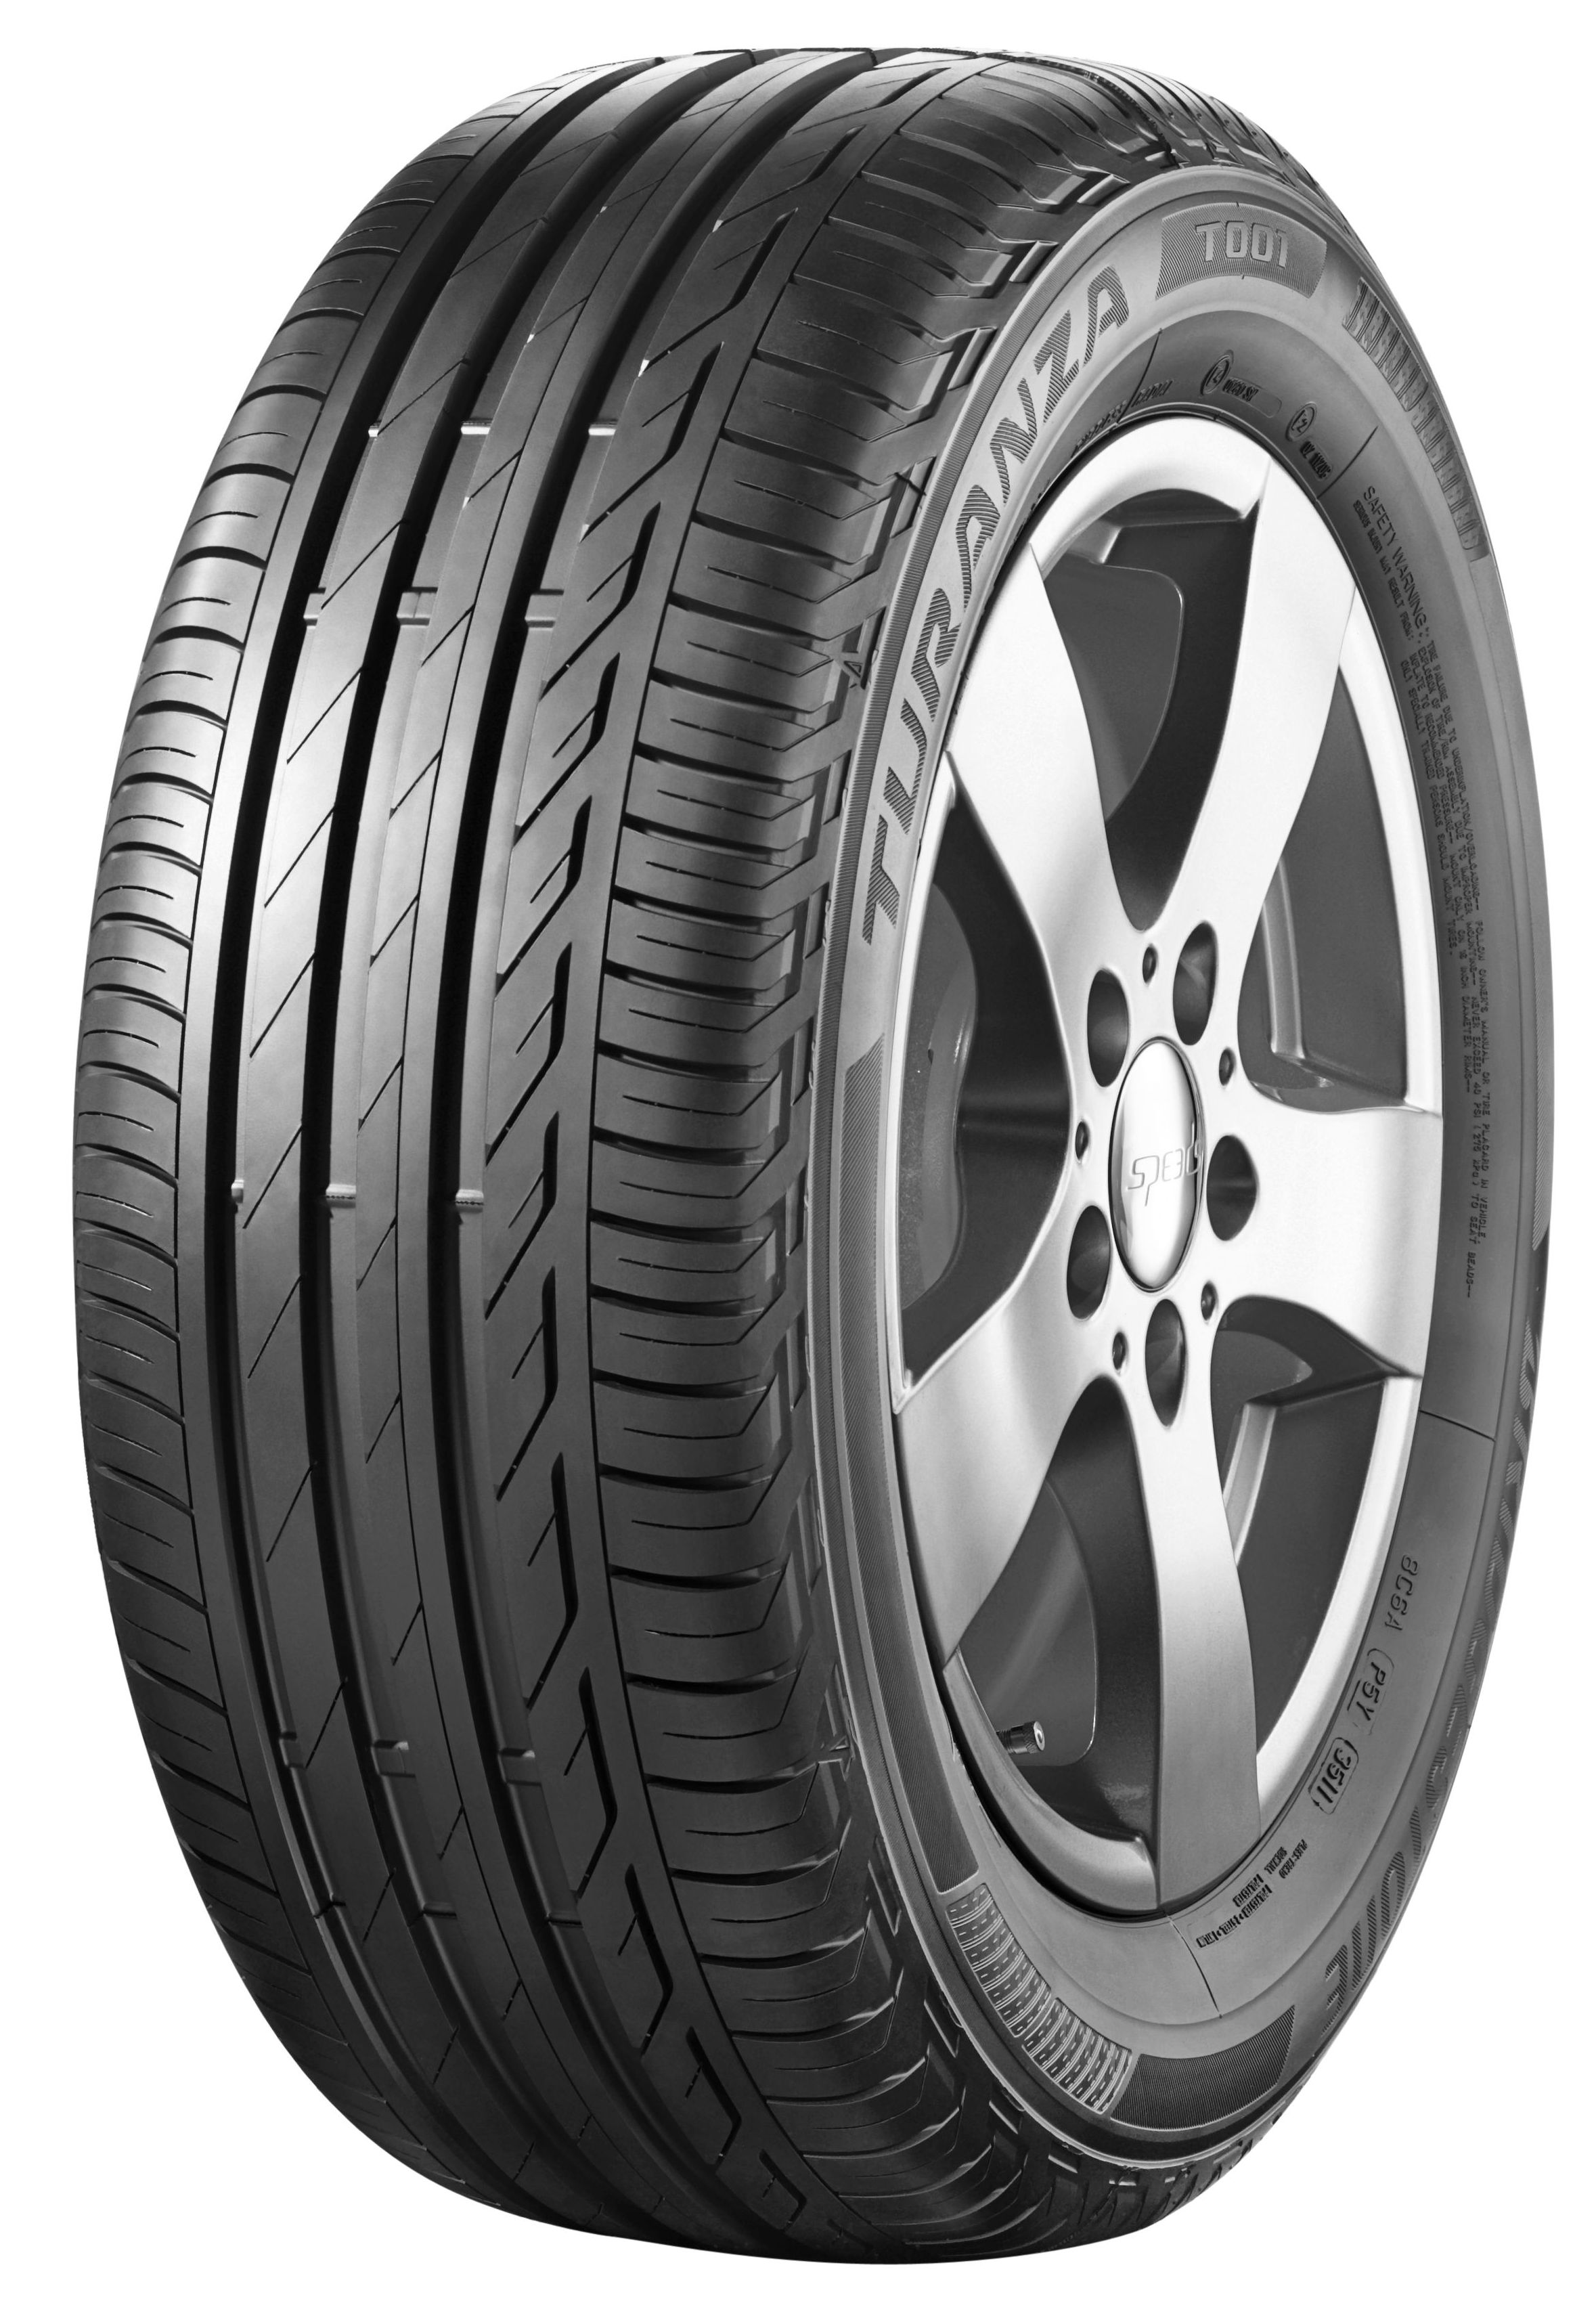 автомобильные шины Bridgestone Turanza T001 Evo 235/45 R17 97Y